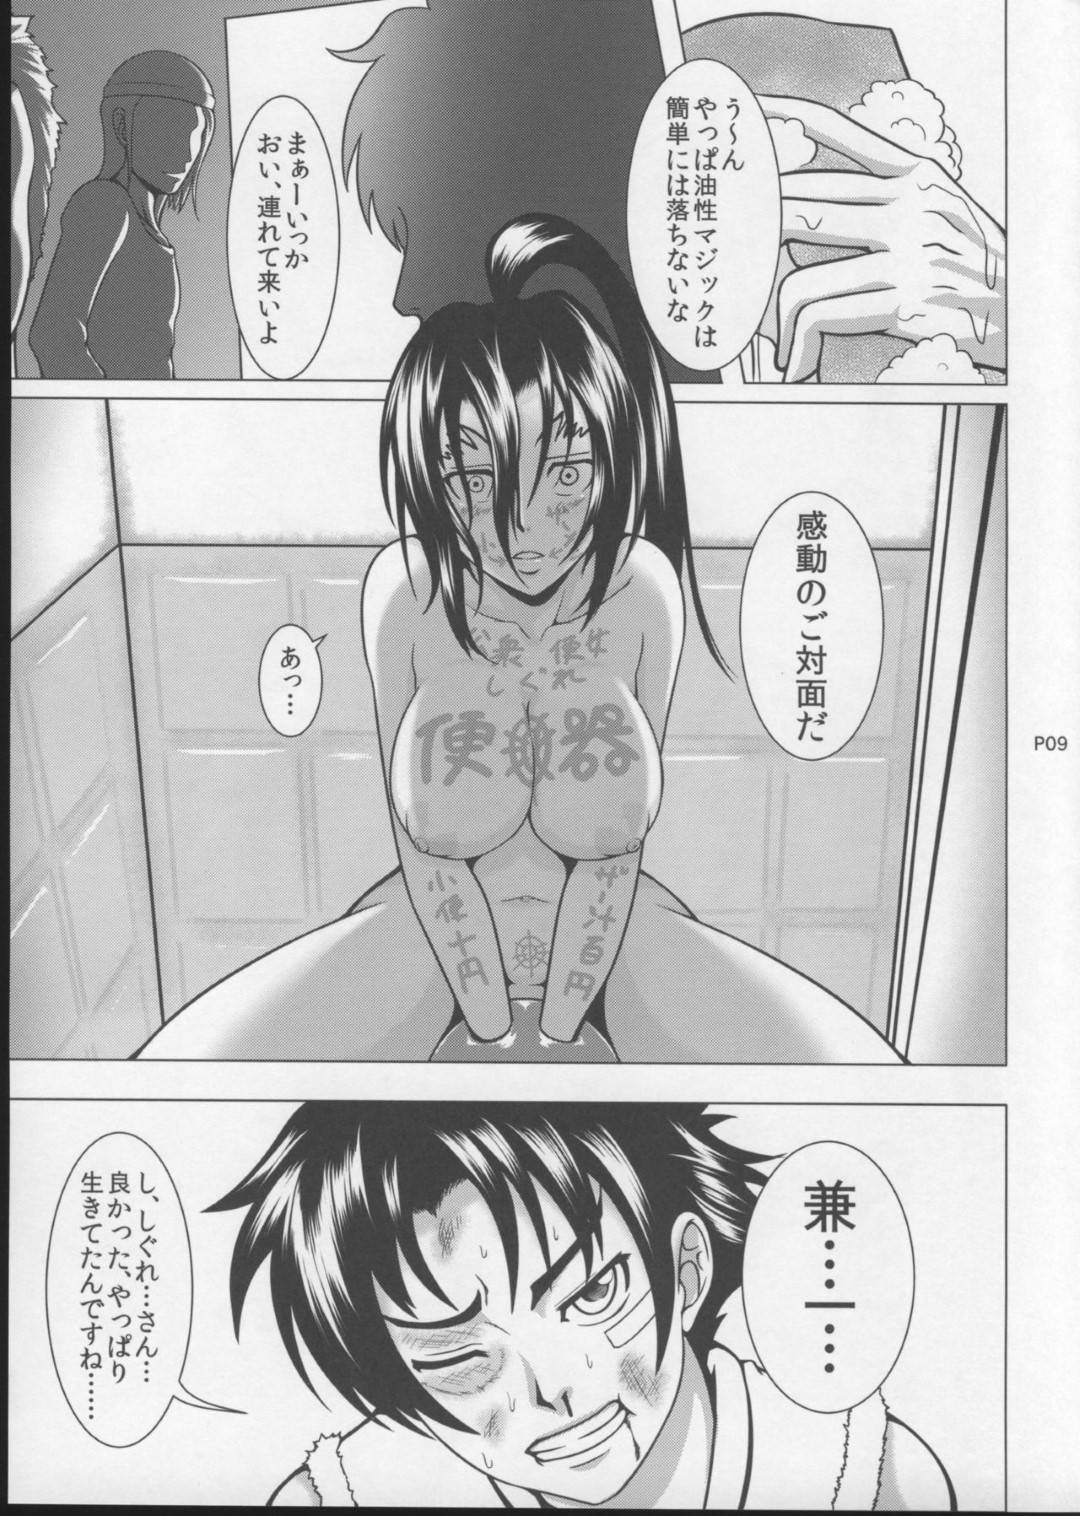 【エロ漫画】敵の組織に捕らわれしまい、肉便器として男たちに性的なご奉仕をさせられ続けるしぐれ。完全に服従した彼女は便所で掃除用具を口に突っ込まれたり、落書きされたりと鬼畜陵辱を受ける。